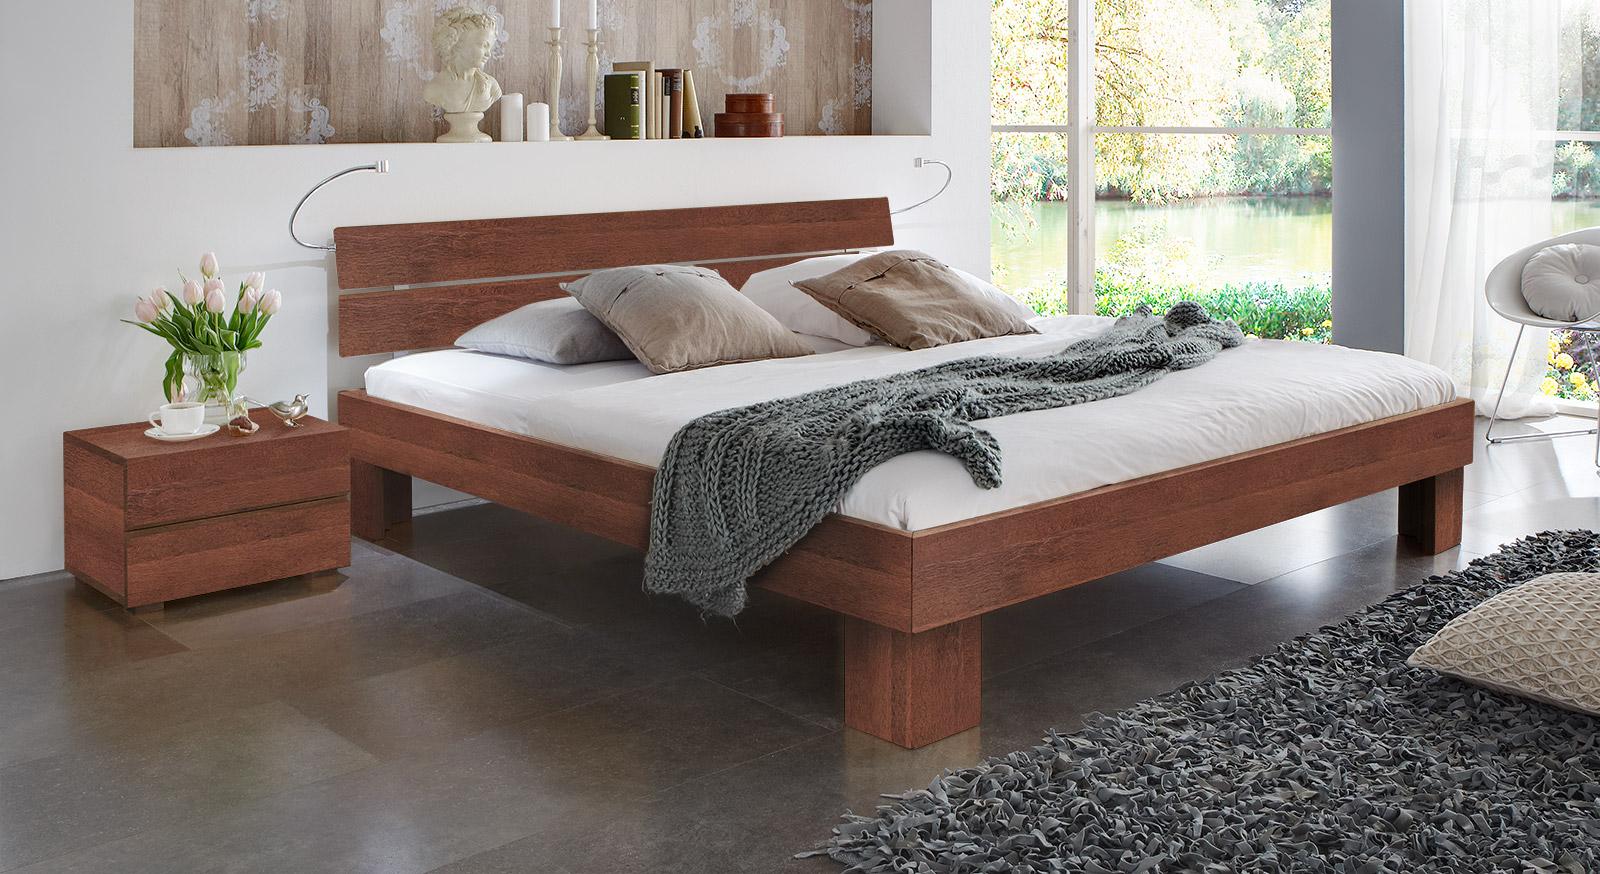 Bett Lucca Komfort in Buche kirschbaum mit einer Fußhöhe von 25cm